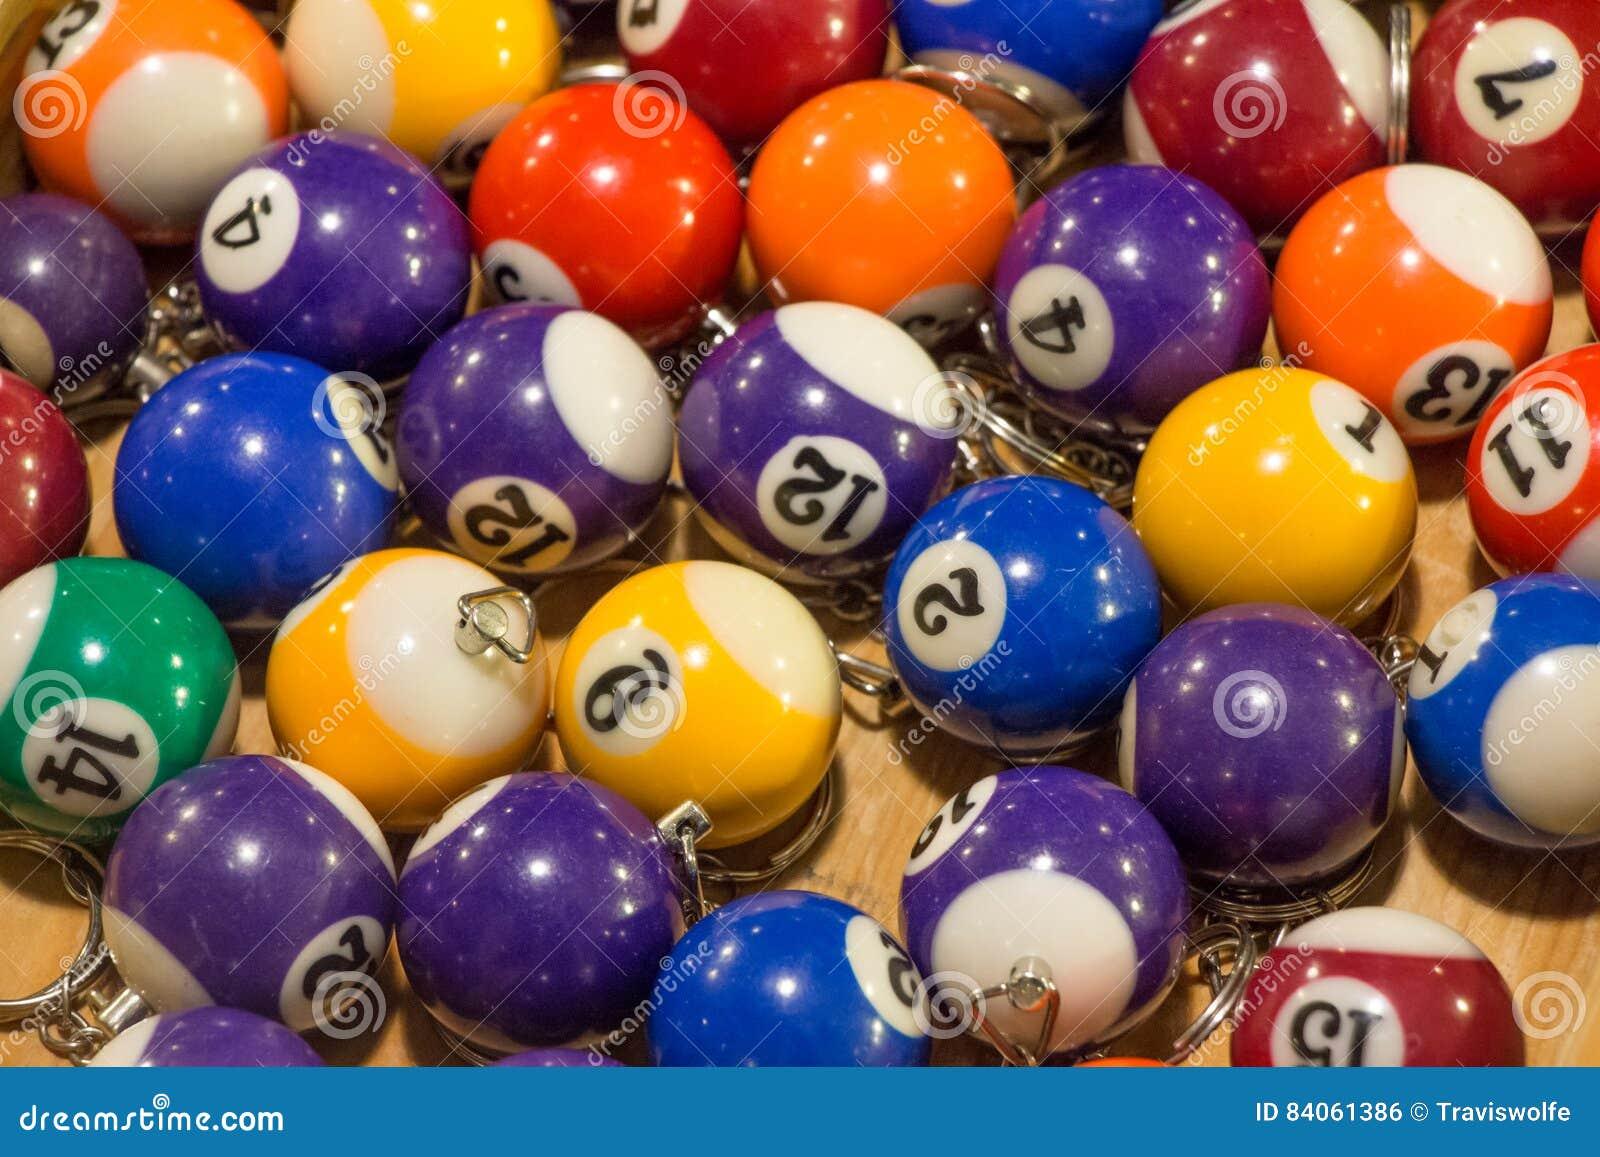 Geassorteerde poolbal keychains met verschillende kleuren voor verkoop op a